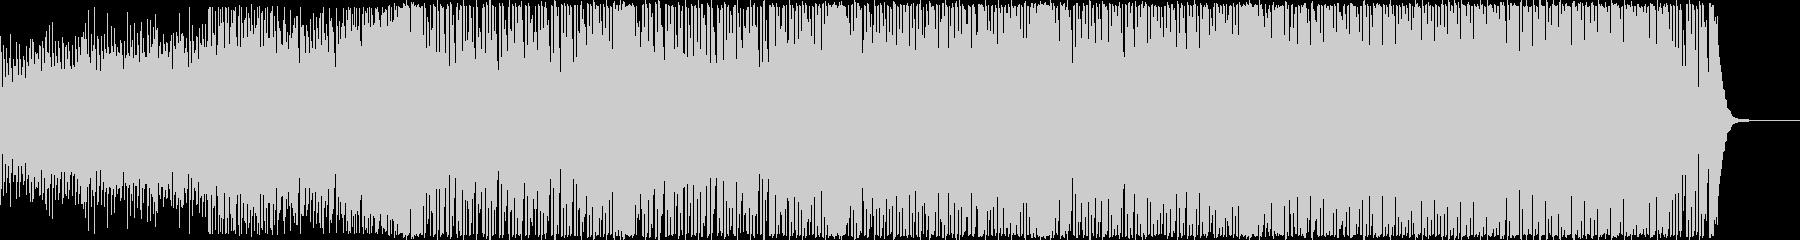 疾走感ある80年代風レトロ・ポップの未再生の波形